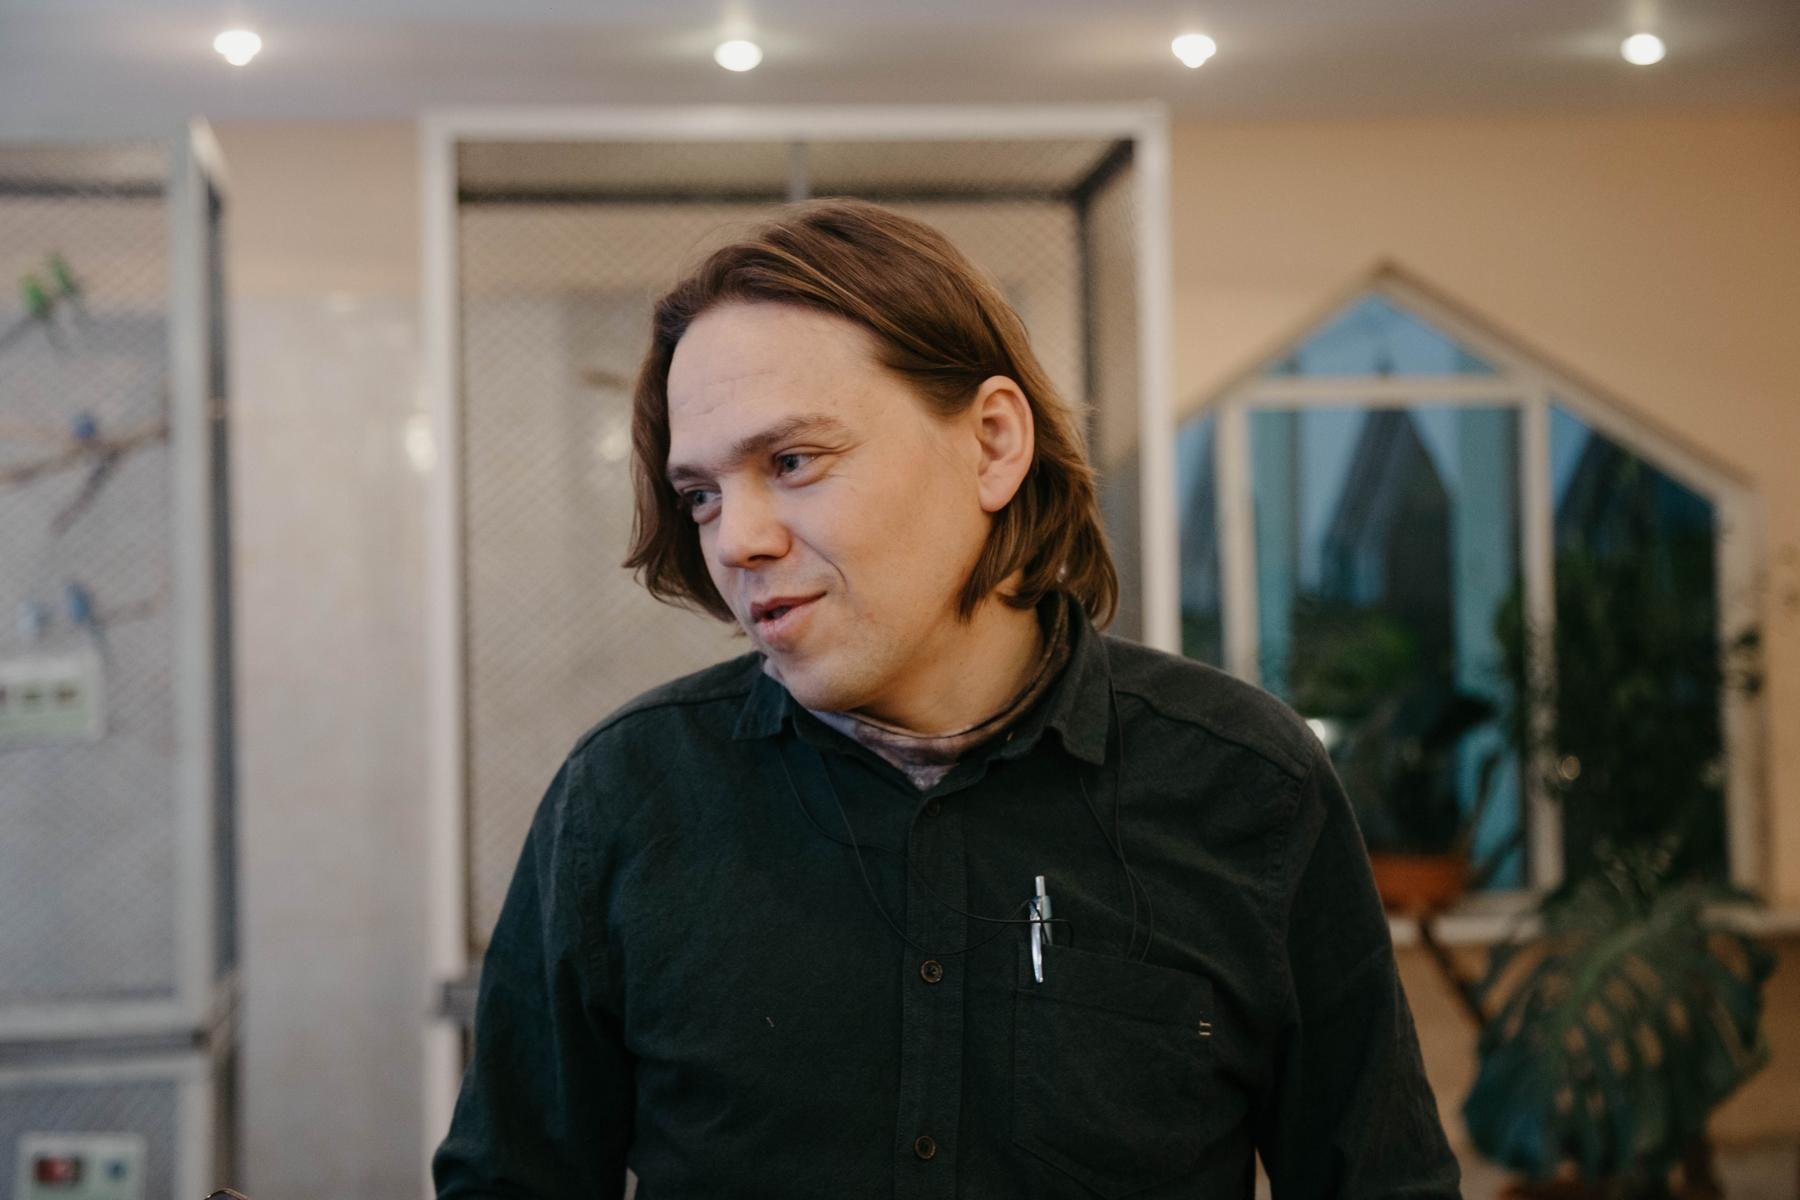 Научный сотрудник НПЦ по биоресурсам НАН Беларуси, хироптеролог Алексей Шпак.